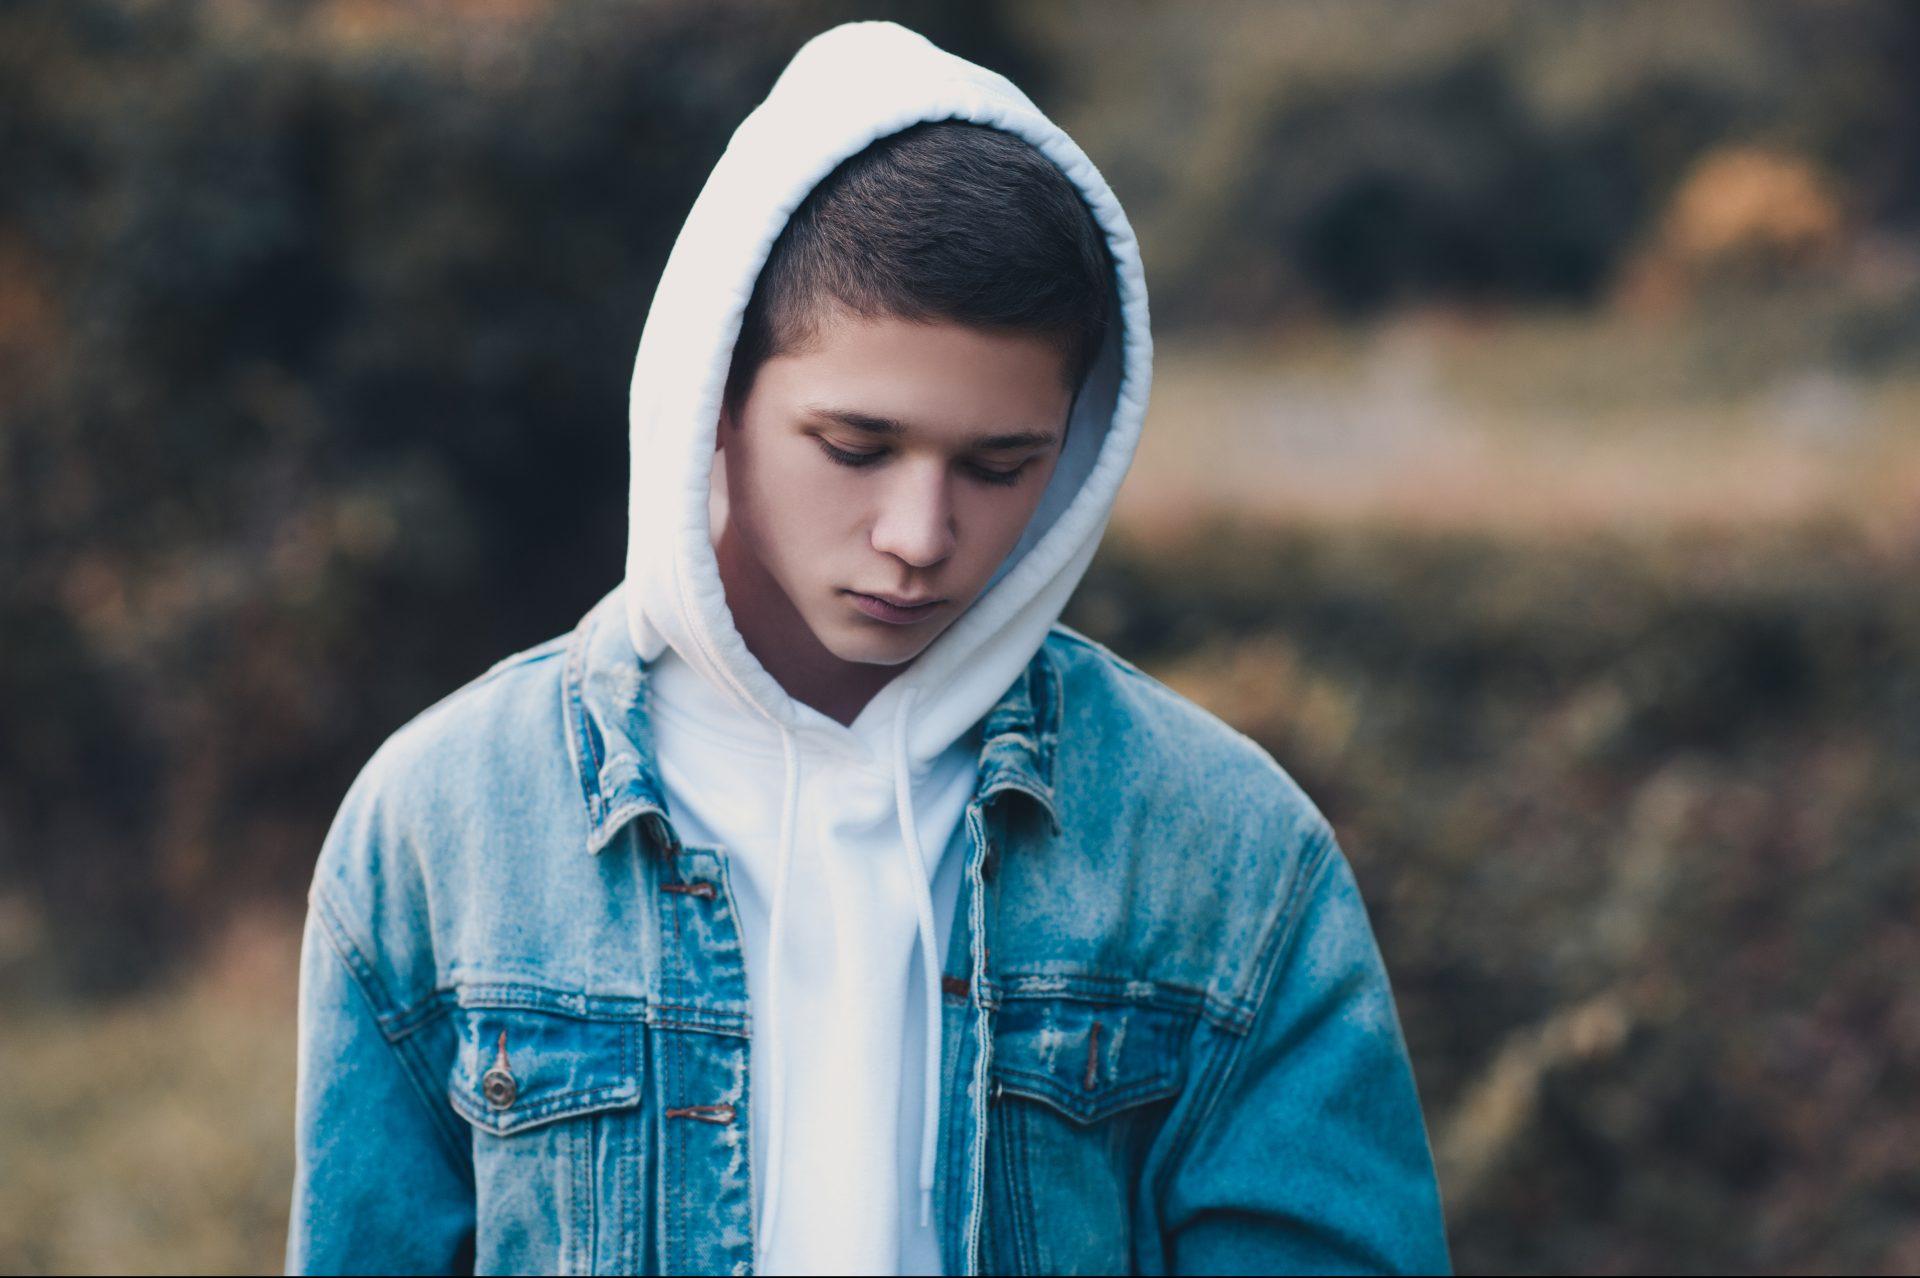 En pojke i ett höstlandskap står vänd mot kameran med blicken mot marken. Han har på sig en jeansrock och en munktröja, vars huva han dragit över huvudet.